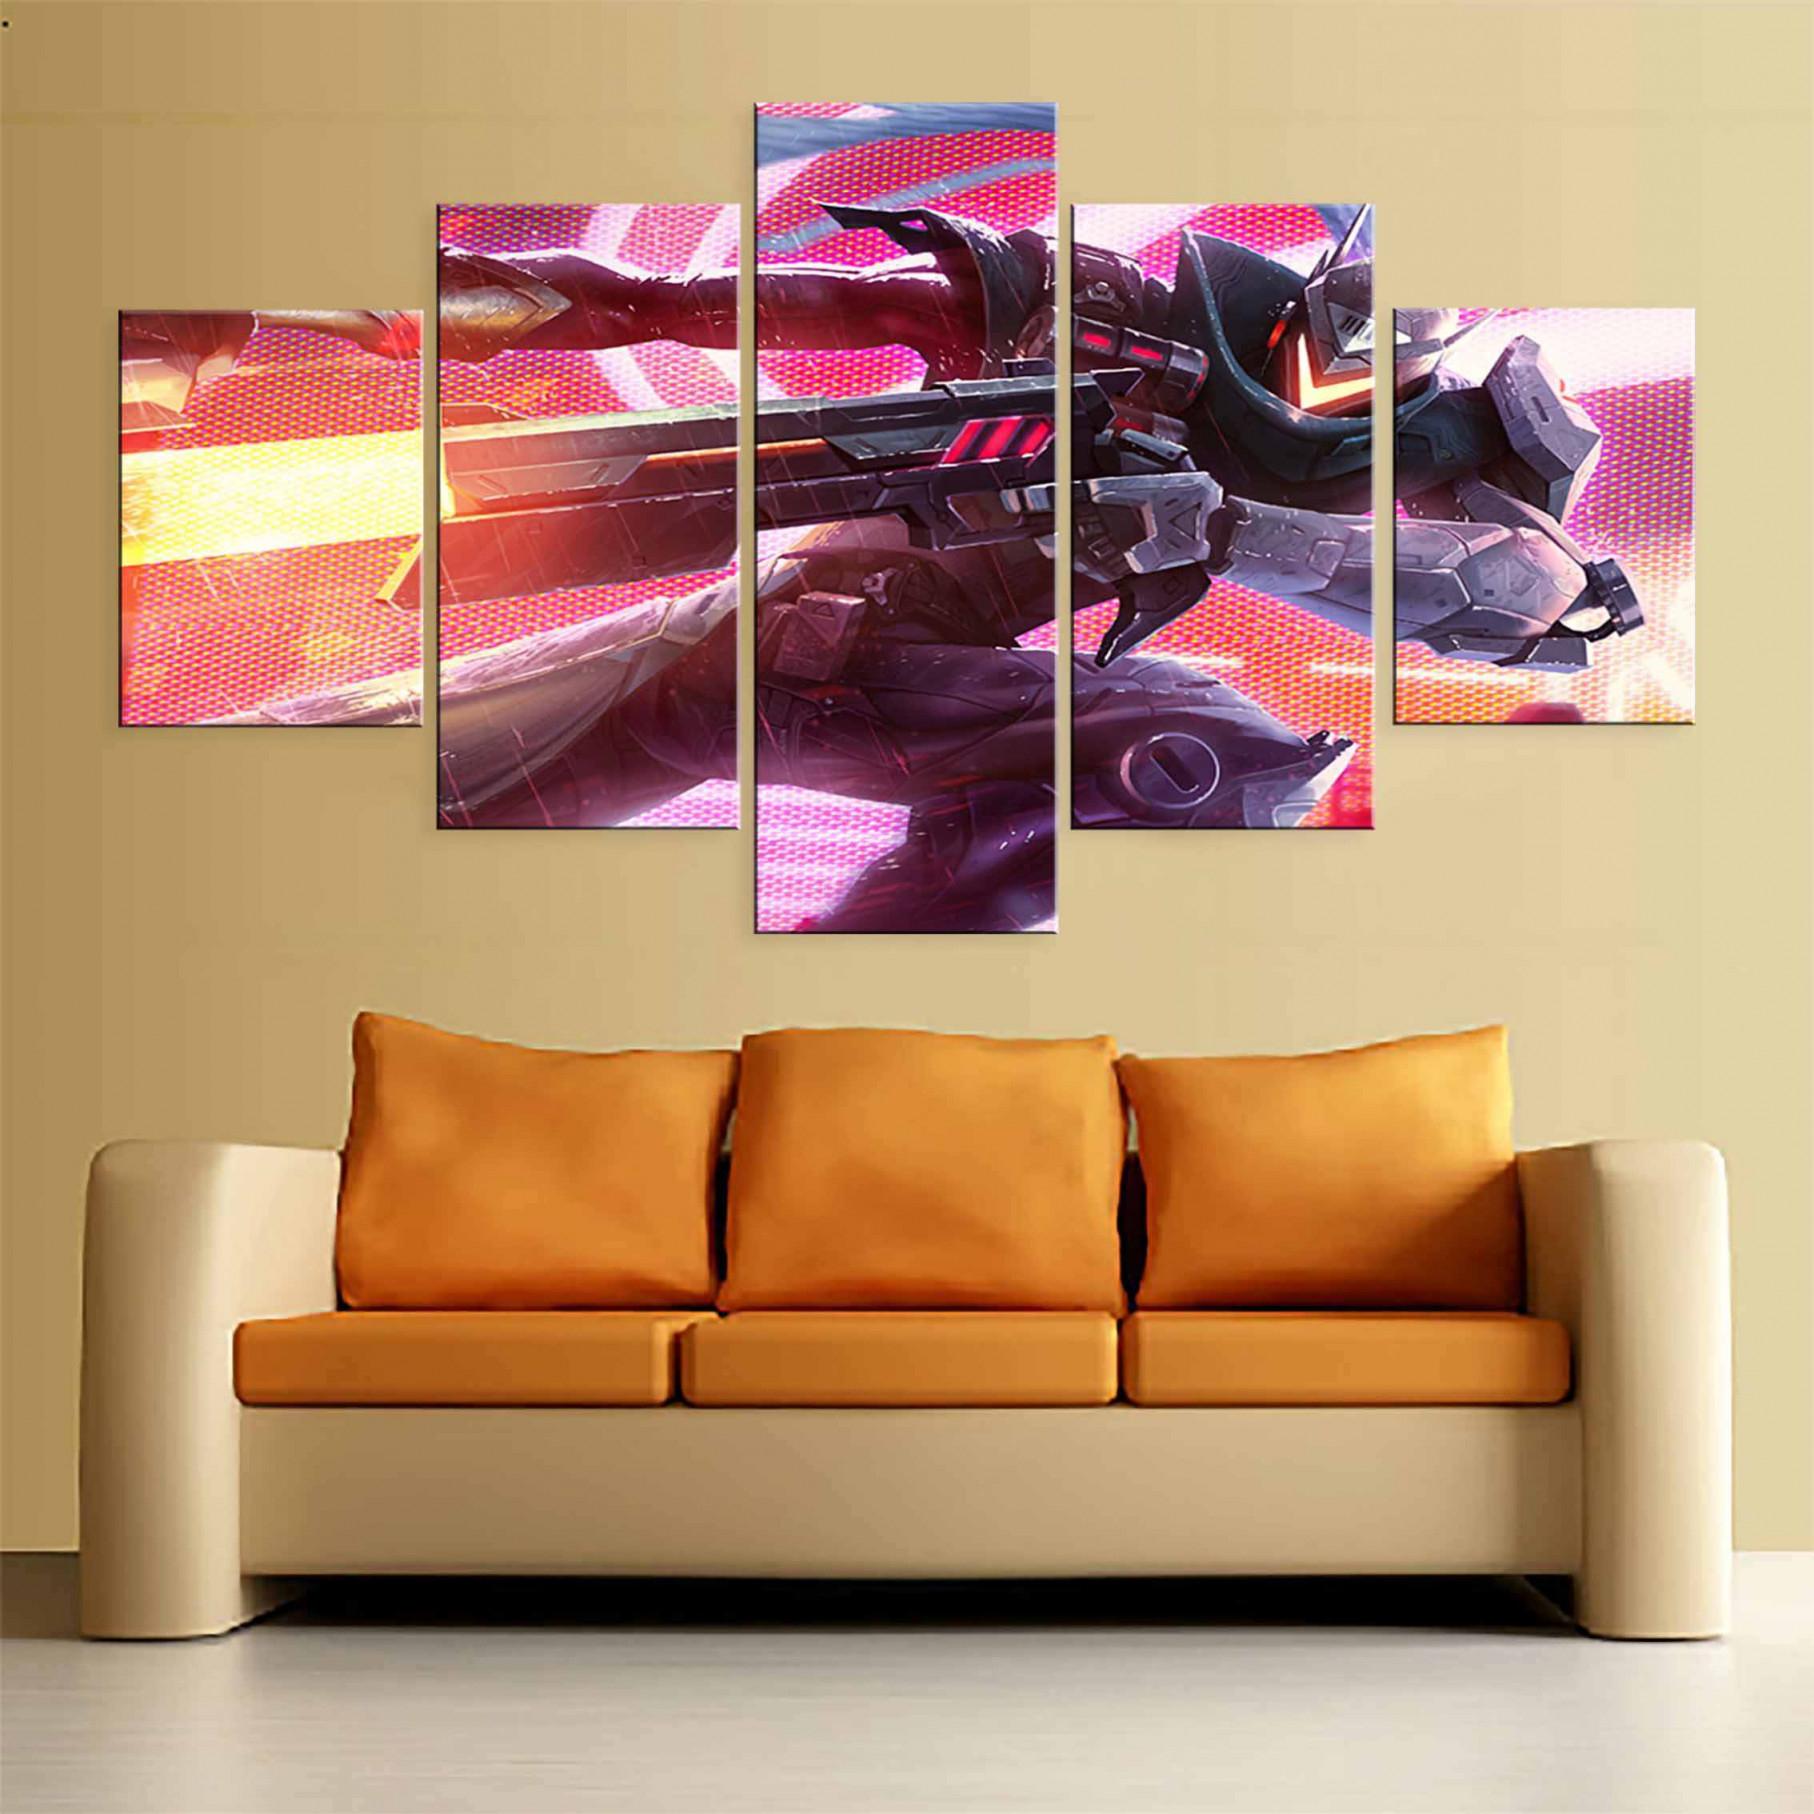 5 Stück Spiel Bild Projekt Lucian Für Moderne Dekorative von Dekorative Bilder Wohnzimmer Bild